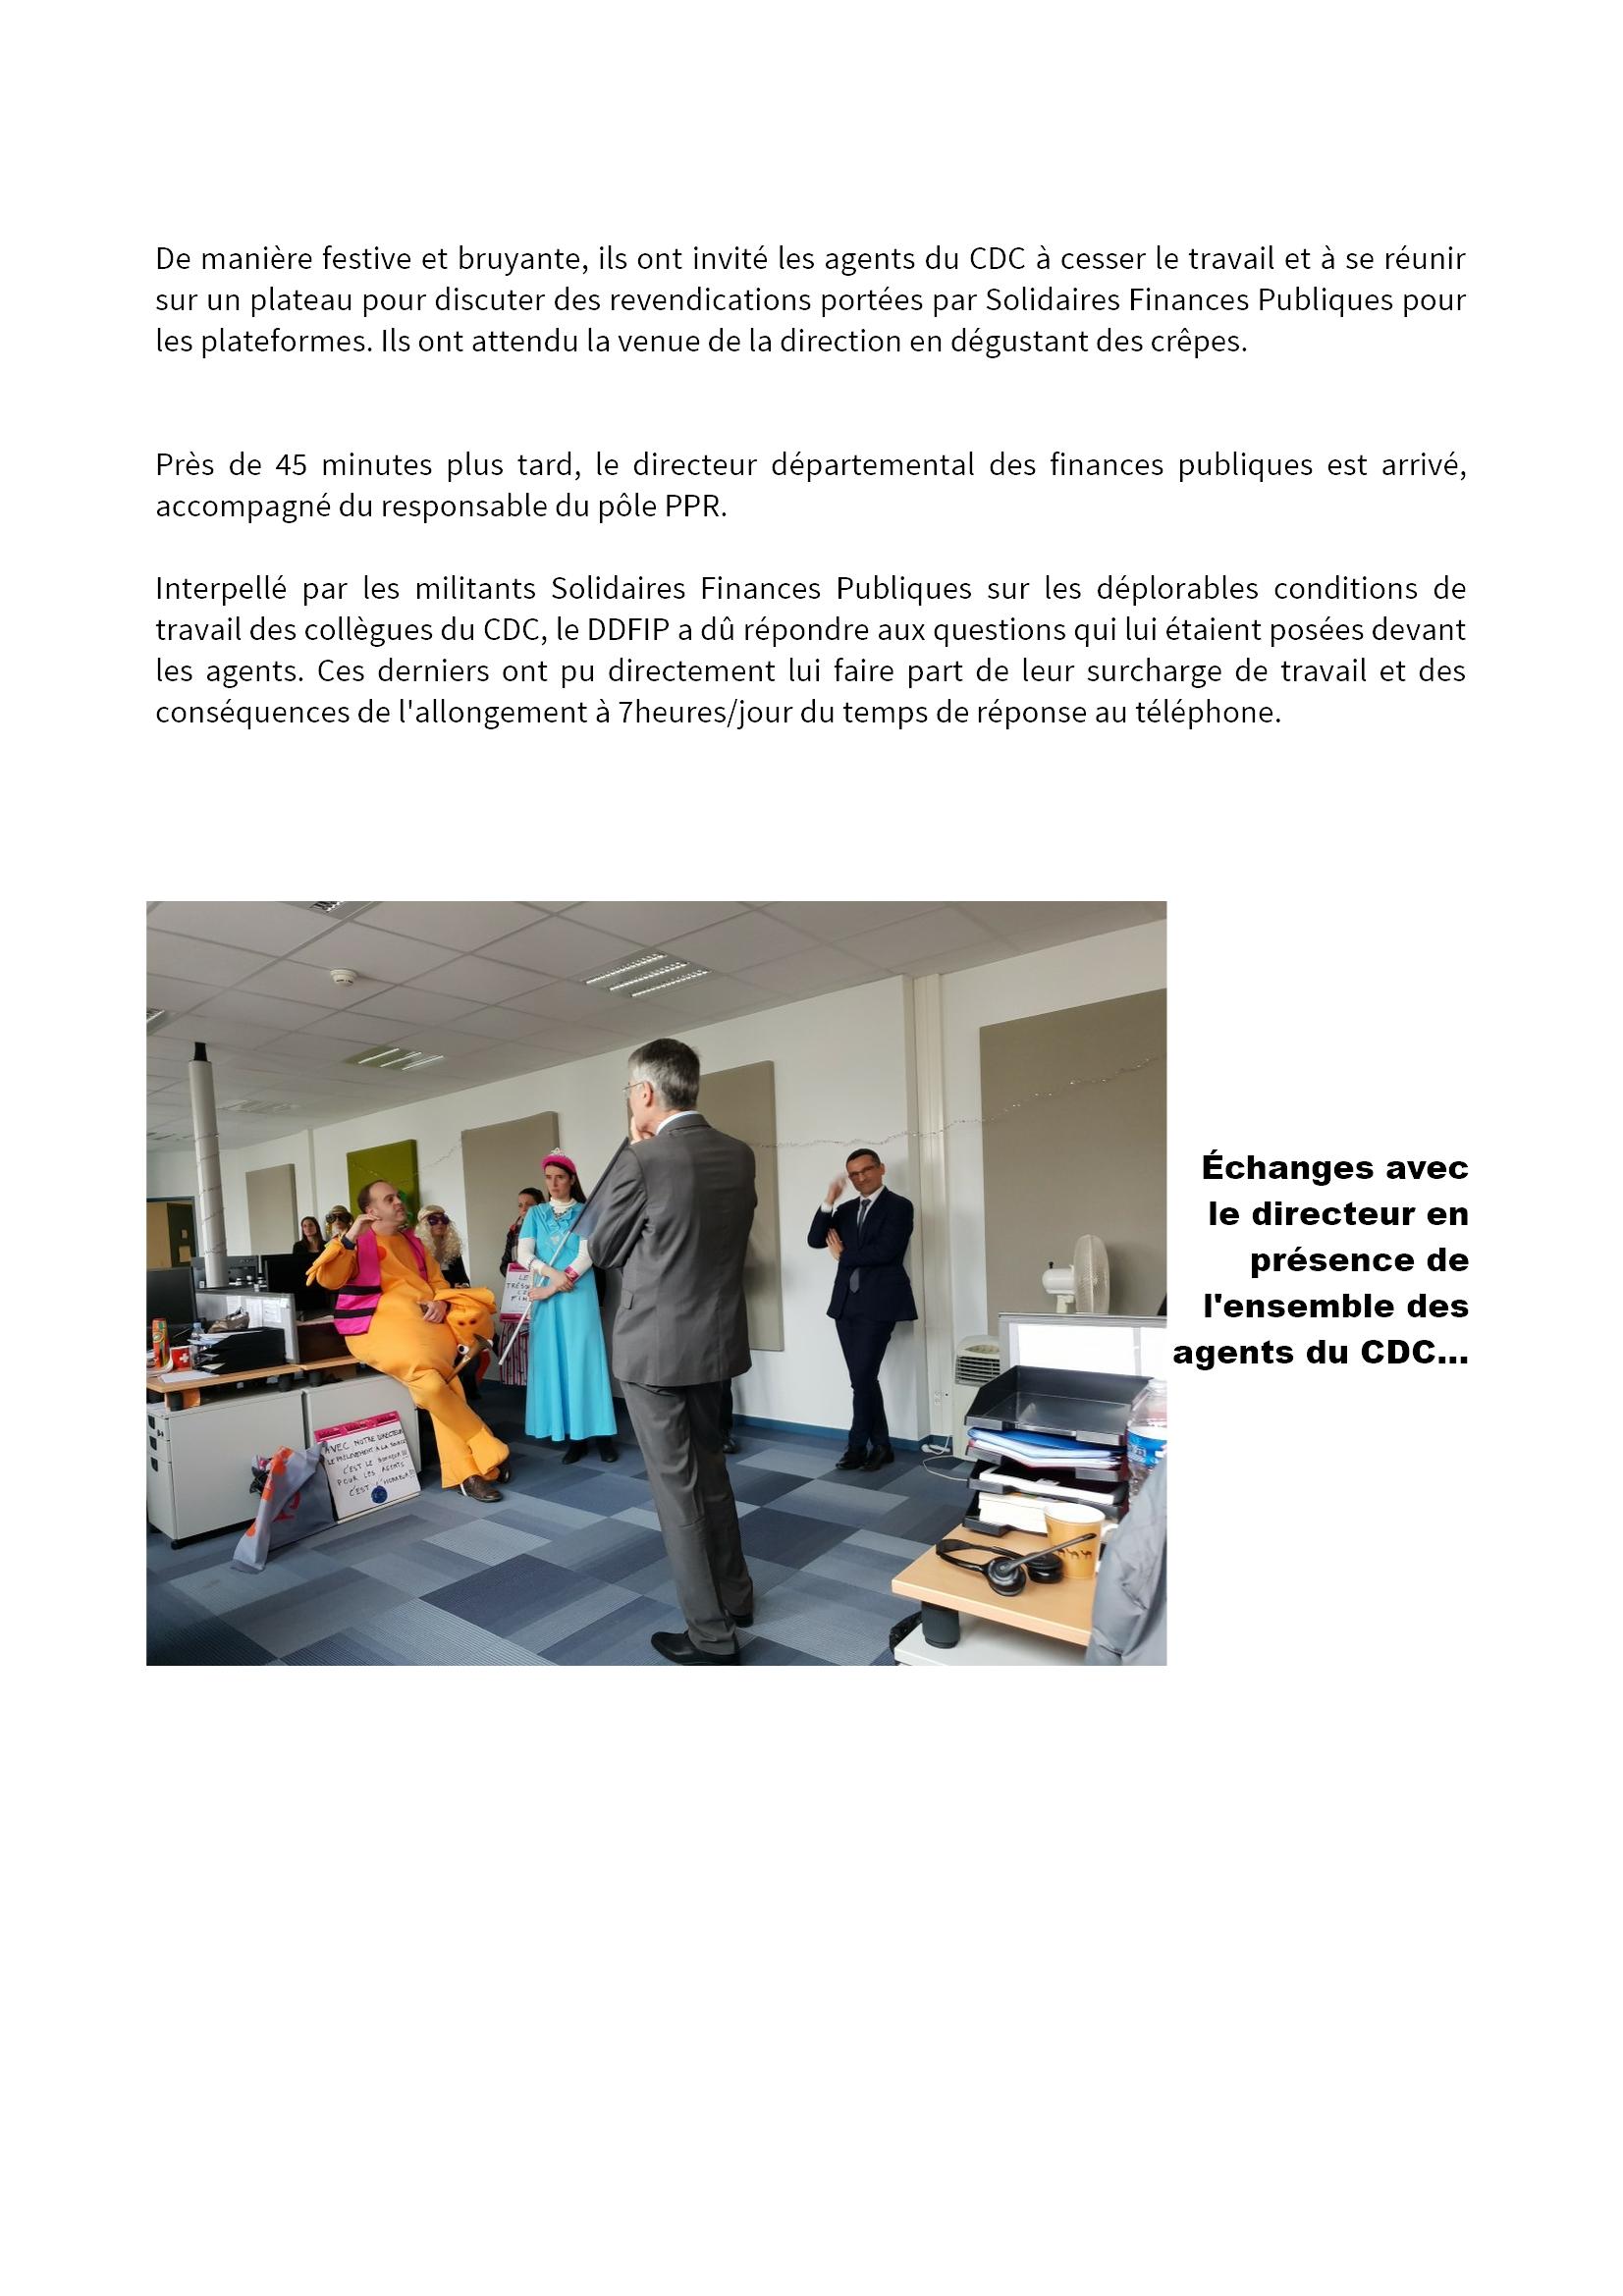 Grève et actions du 5 février 2019 aux Finances à Chartres [CR Solidaires] 3x3